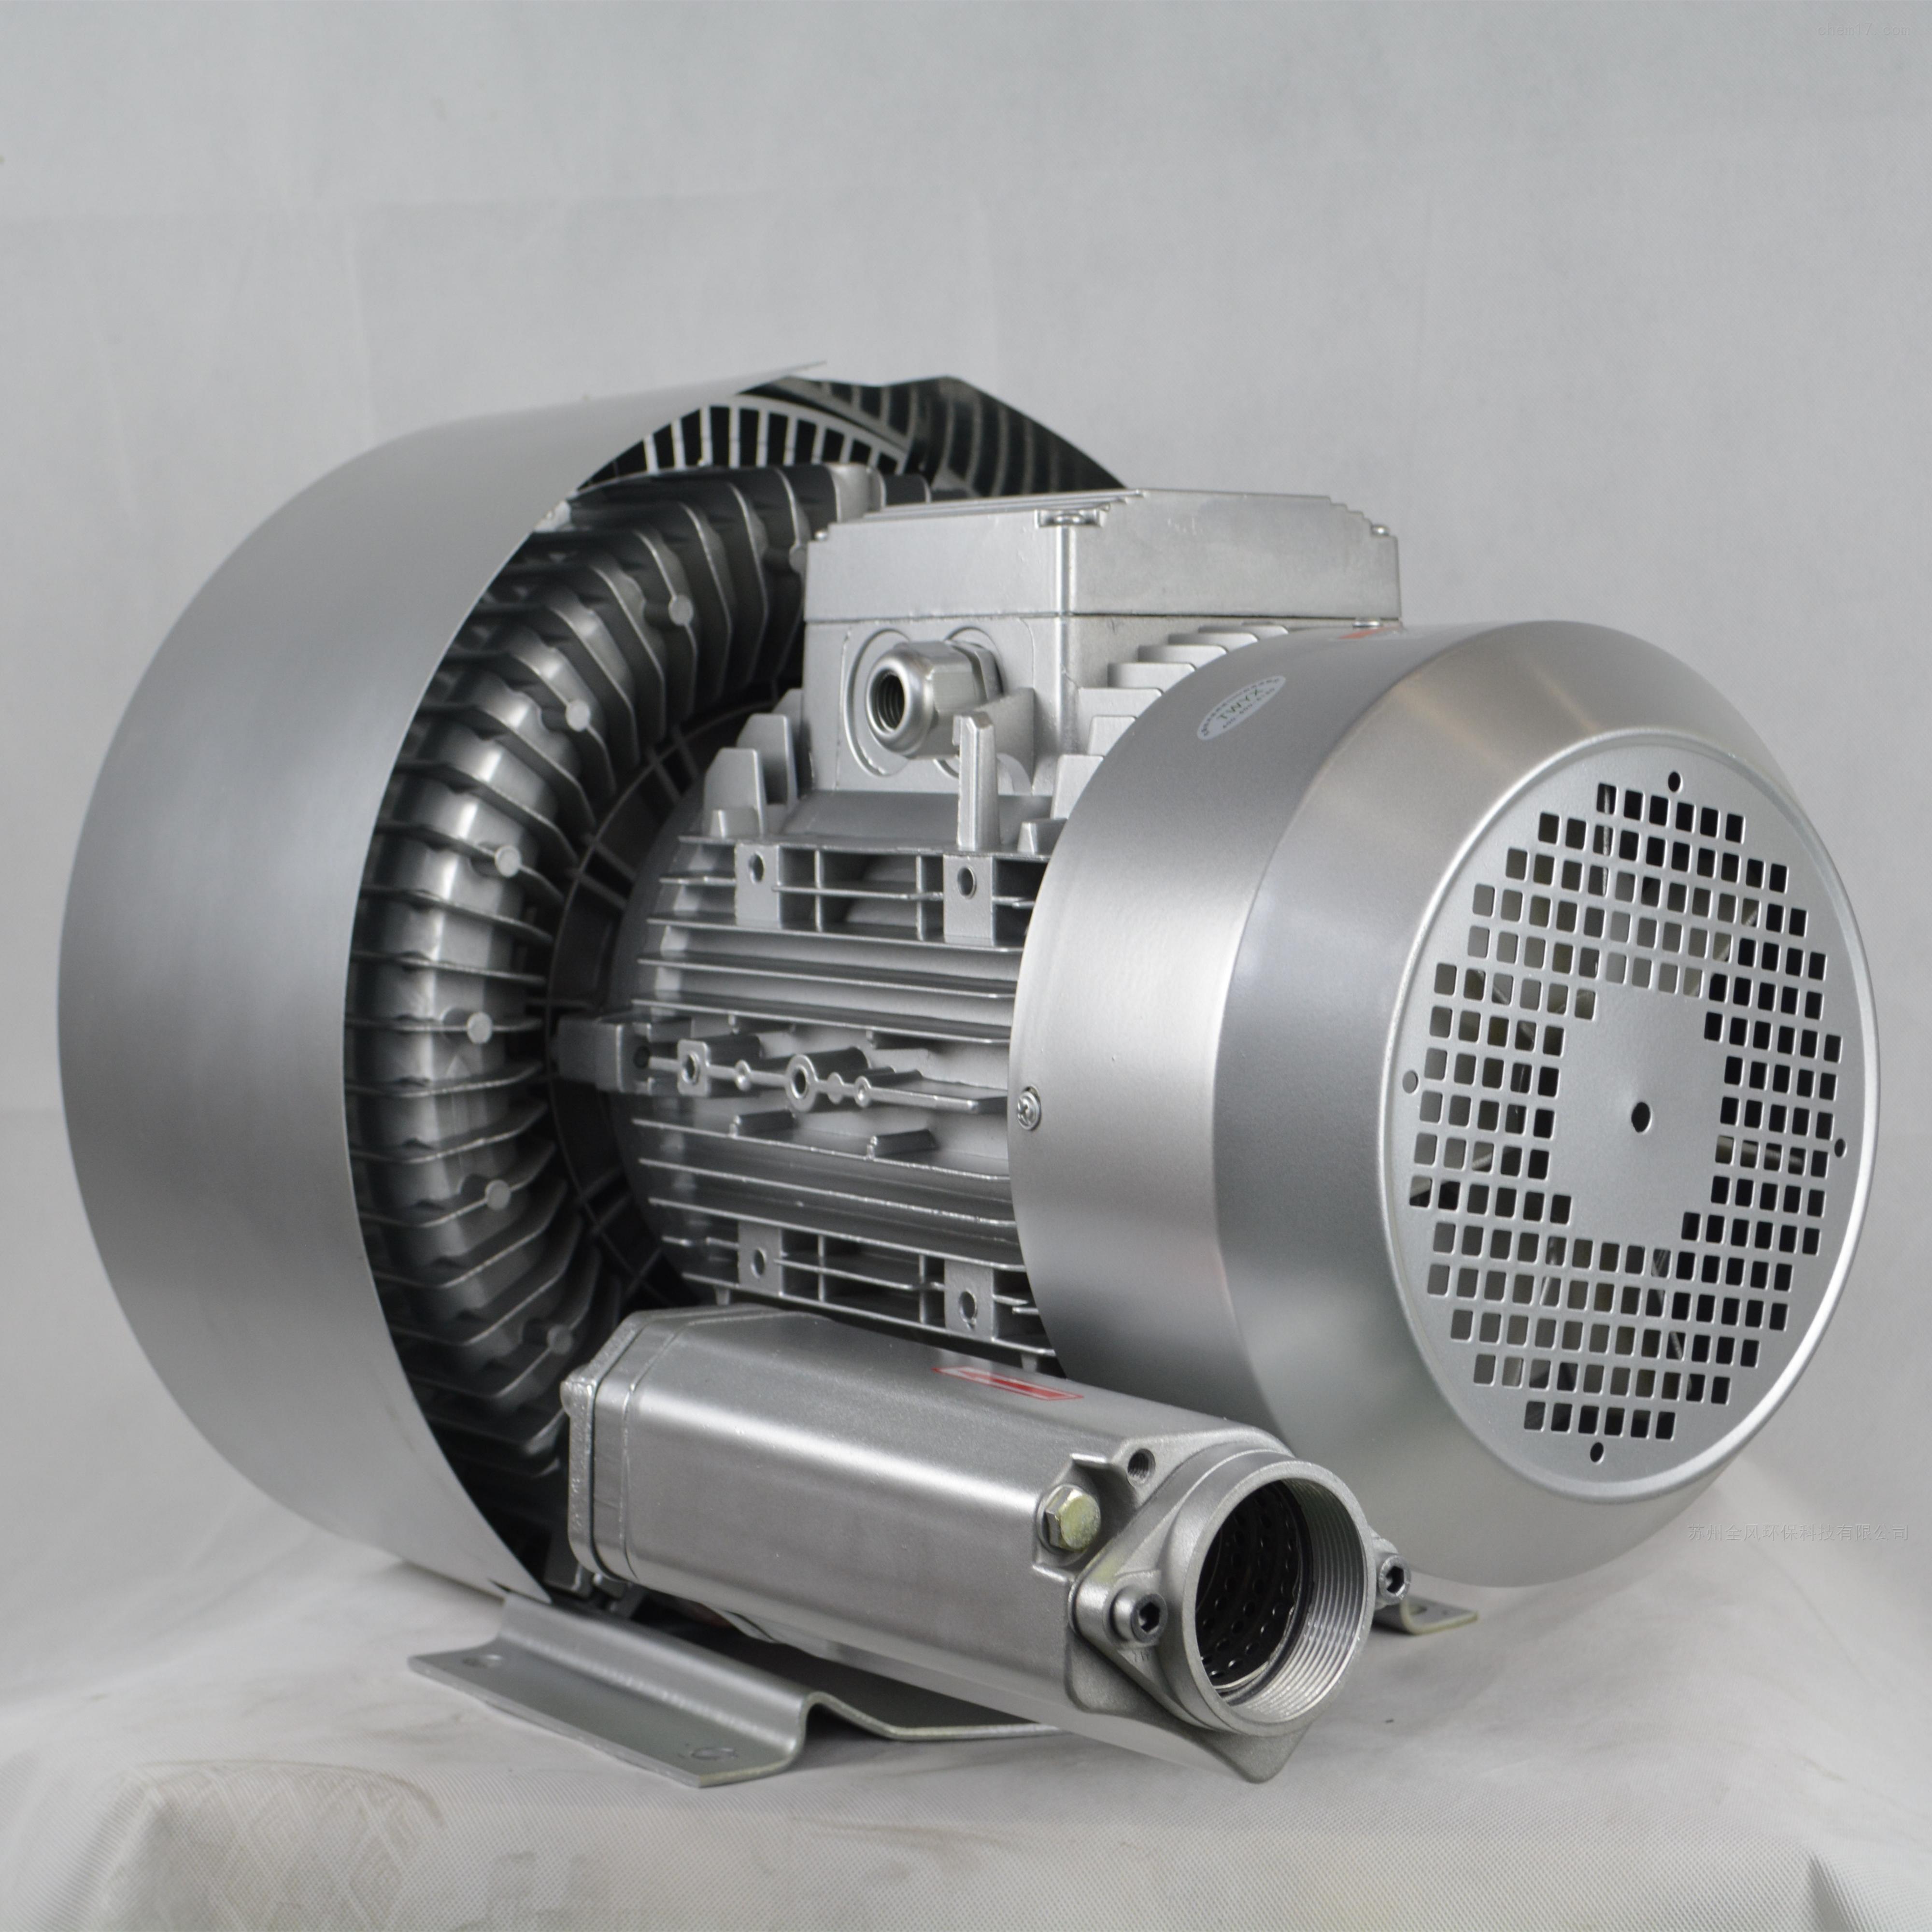 江苏全风工厂直销干燥机高压鼓风机